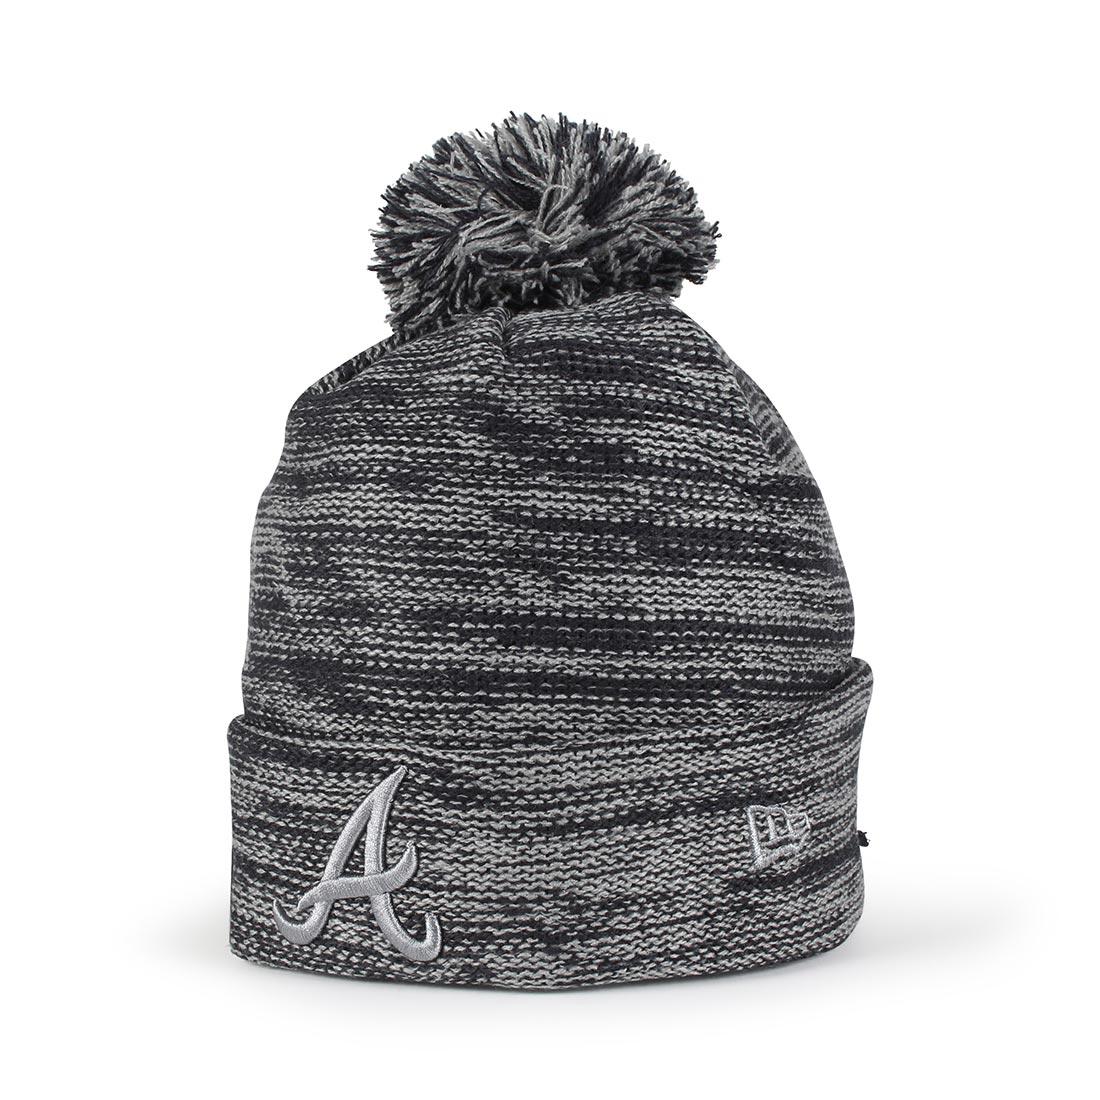 bd6d77d9b1663 New Era Atlanta Braves Marl Knit Beanie – Navy / Storm Grey